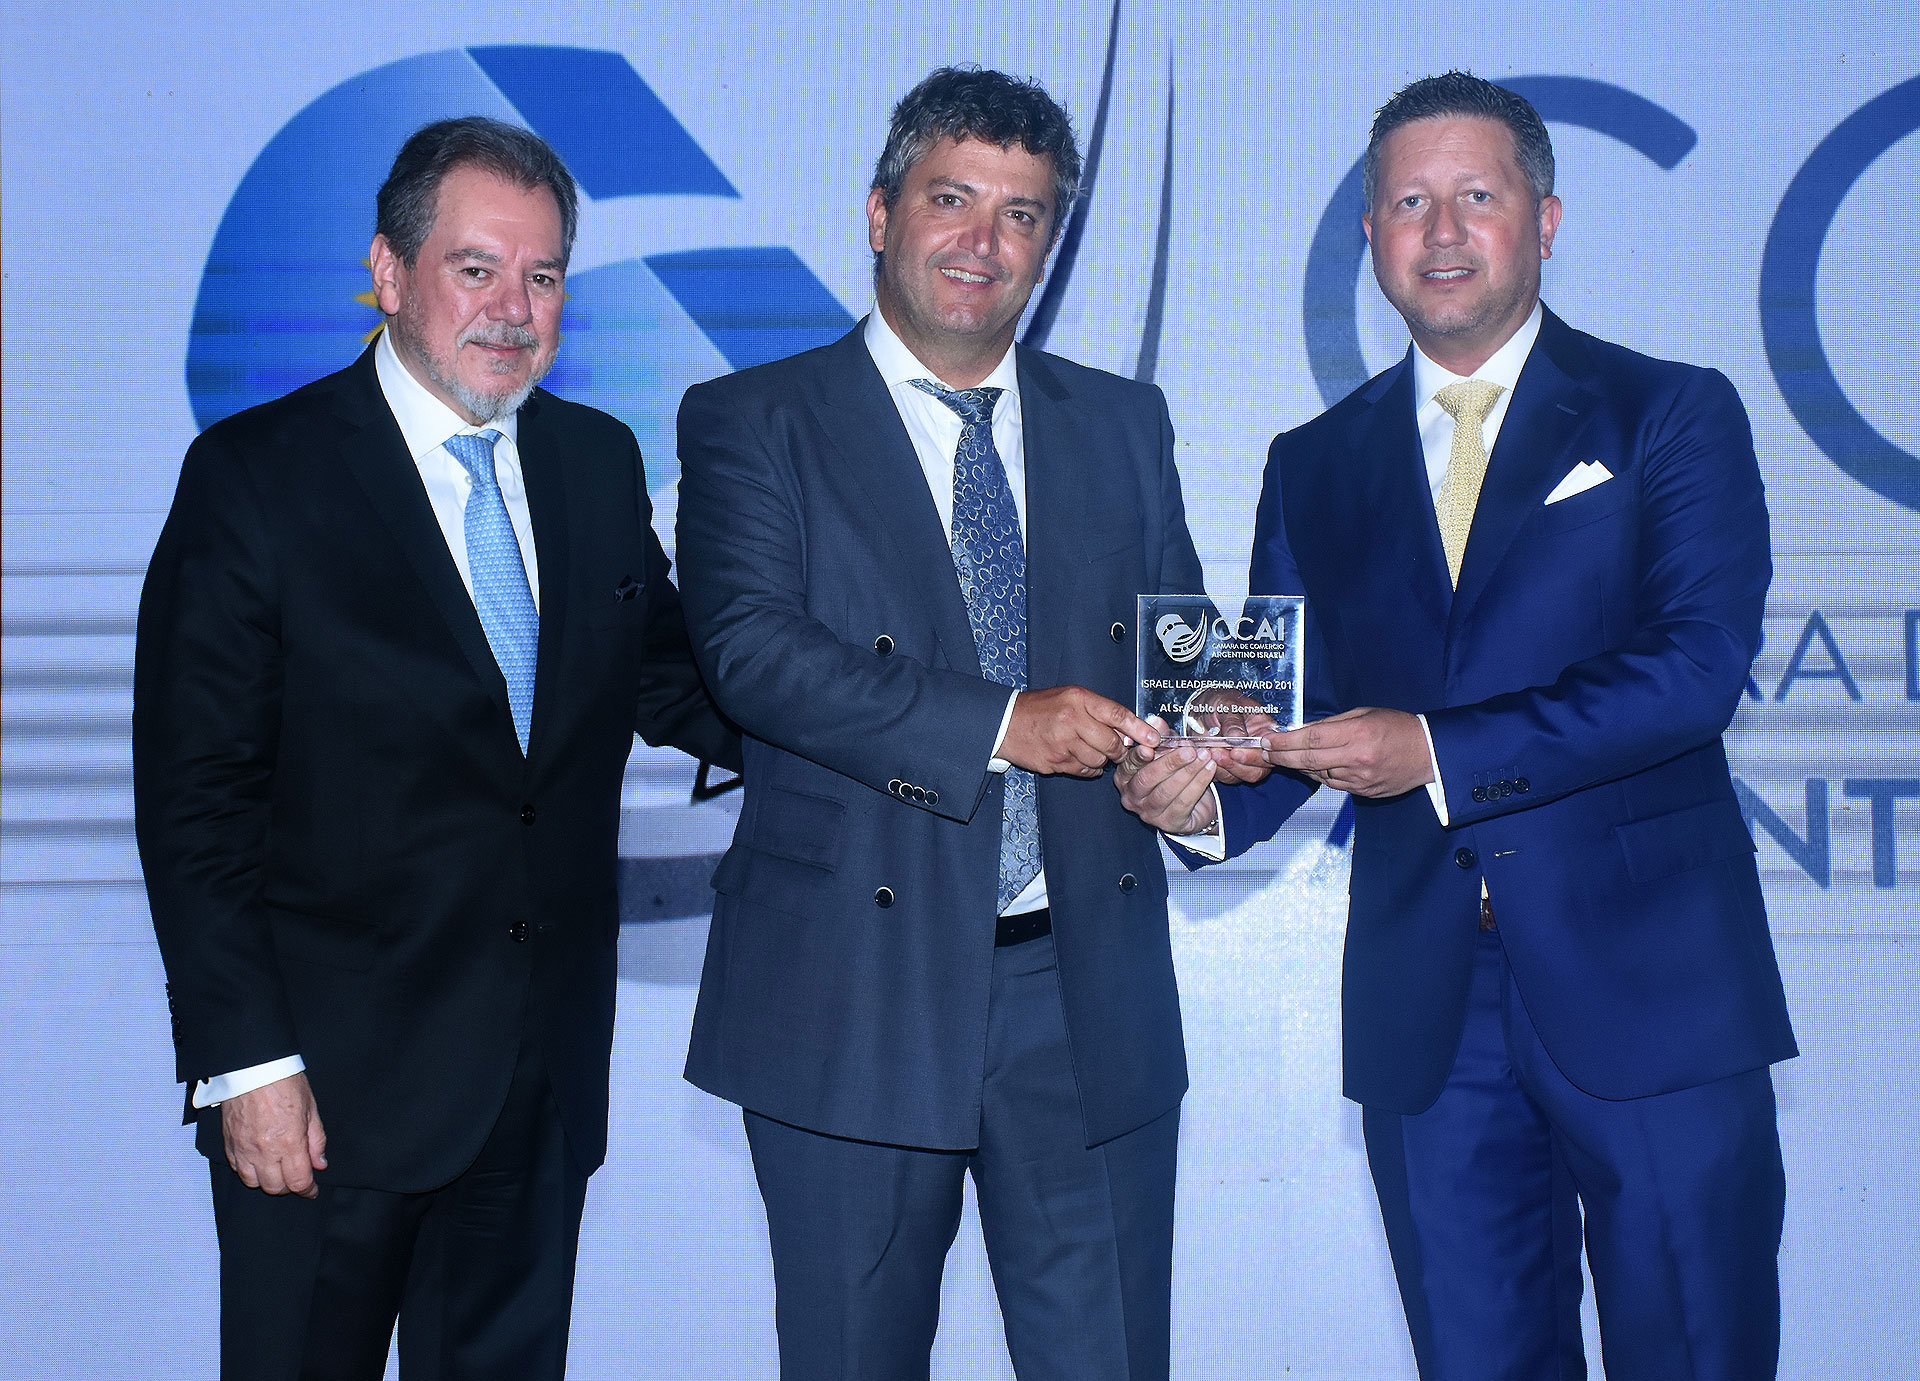 Pablo de Bernardis, presidente de Absolut Mobile y de Absolut Circular Economy, ganador del Israel Leadership Awards 2019